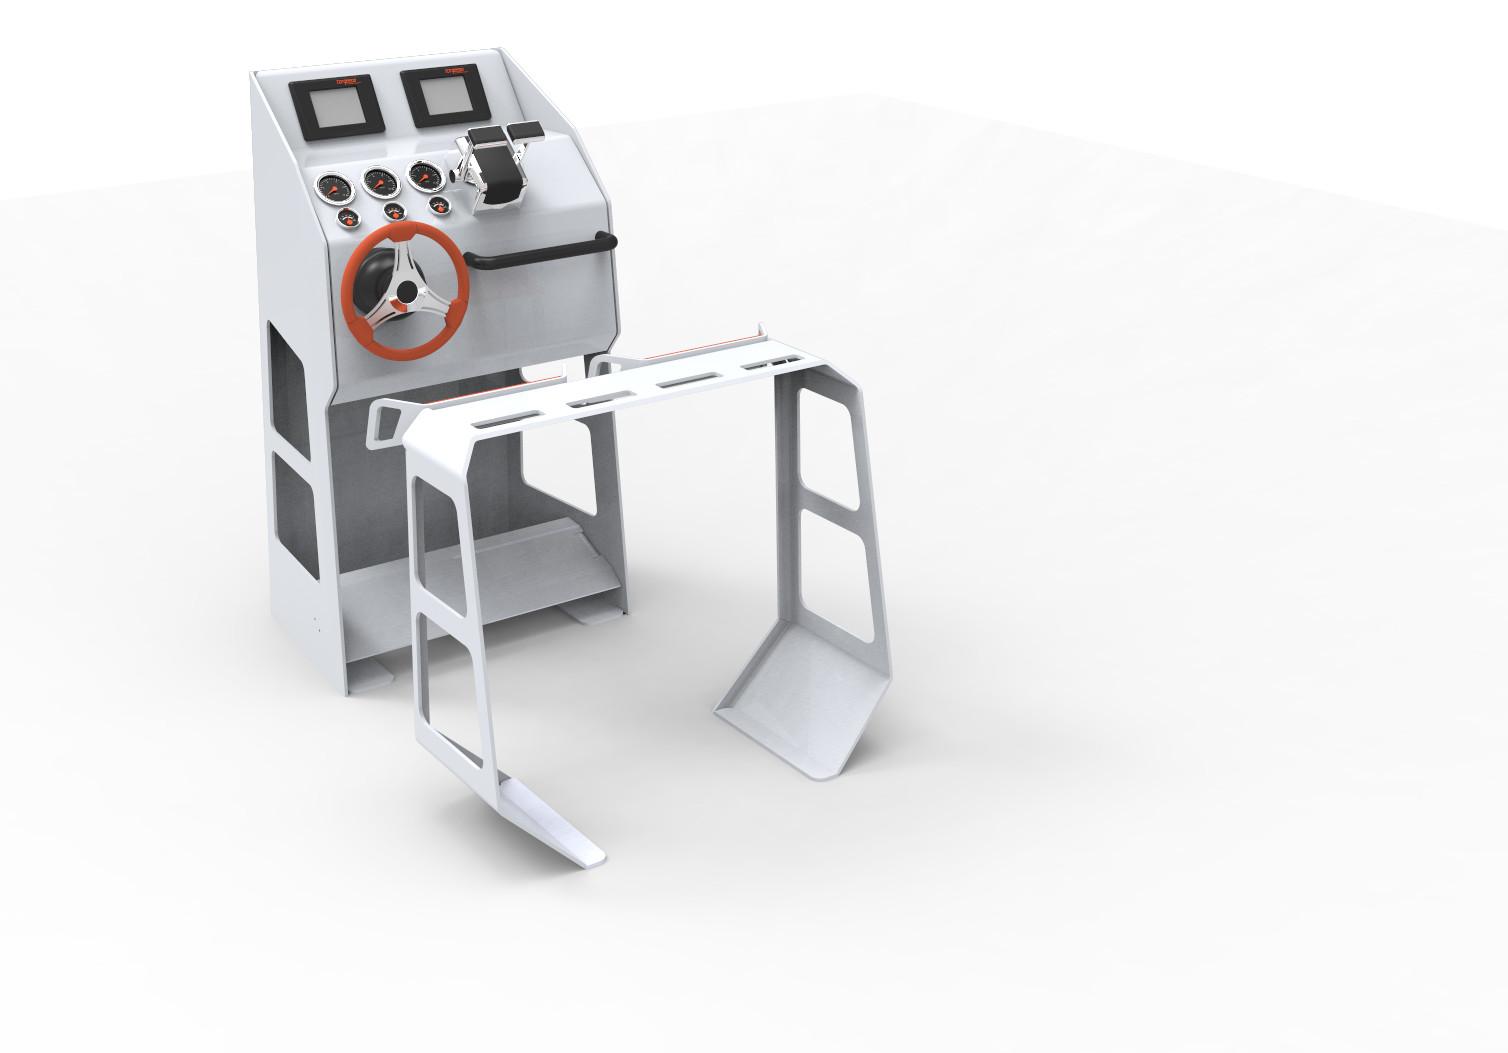 Gerendertes Design eines Fahrstands aus Aluminium.